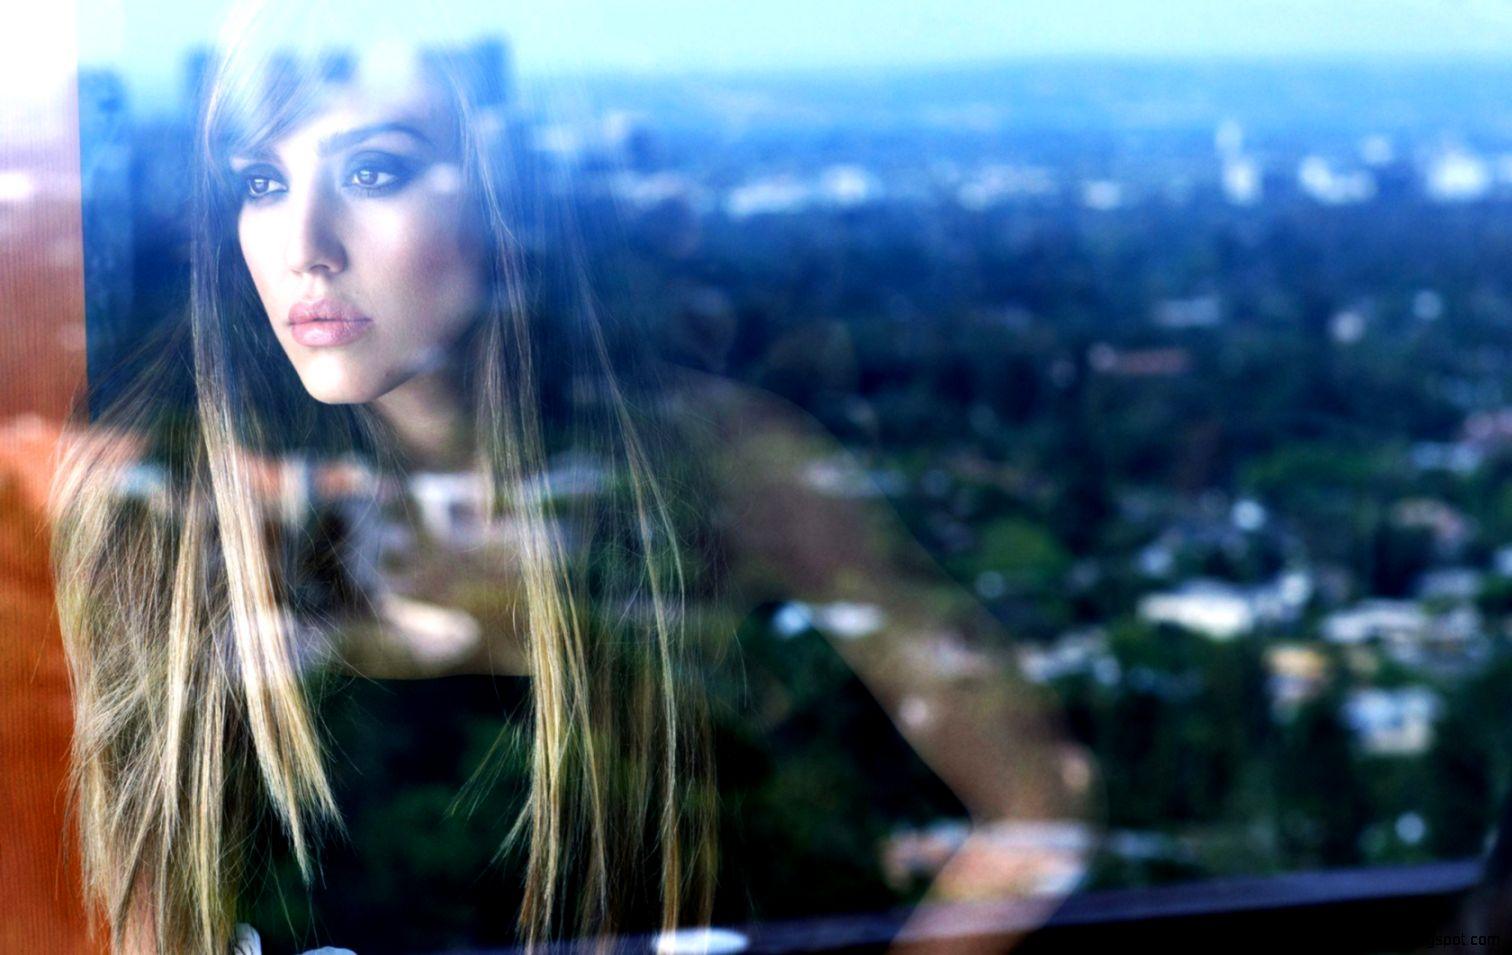 Jessica Alba Actress Girl Hd Wallpaper  Best Desktop Wallpapers